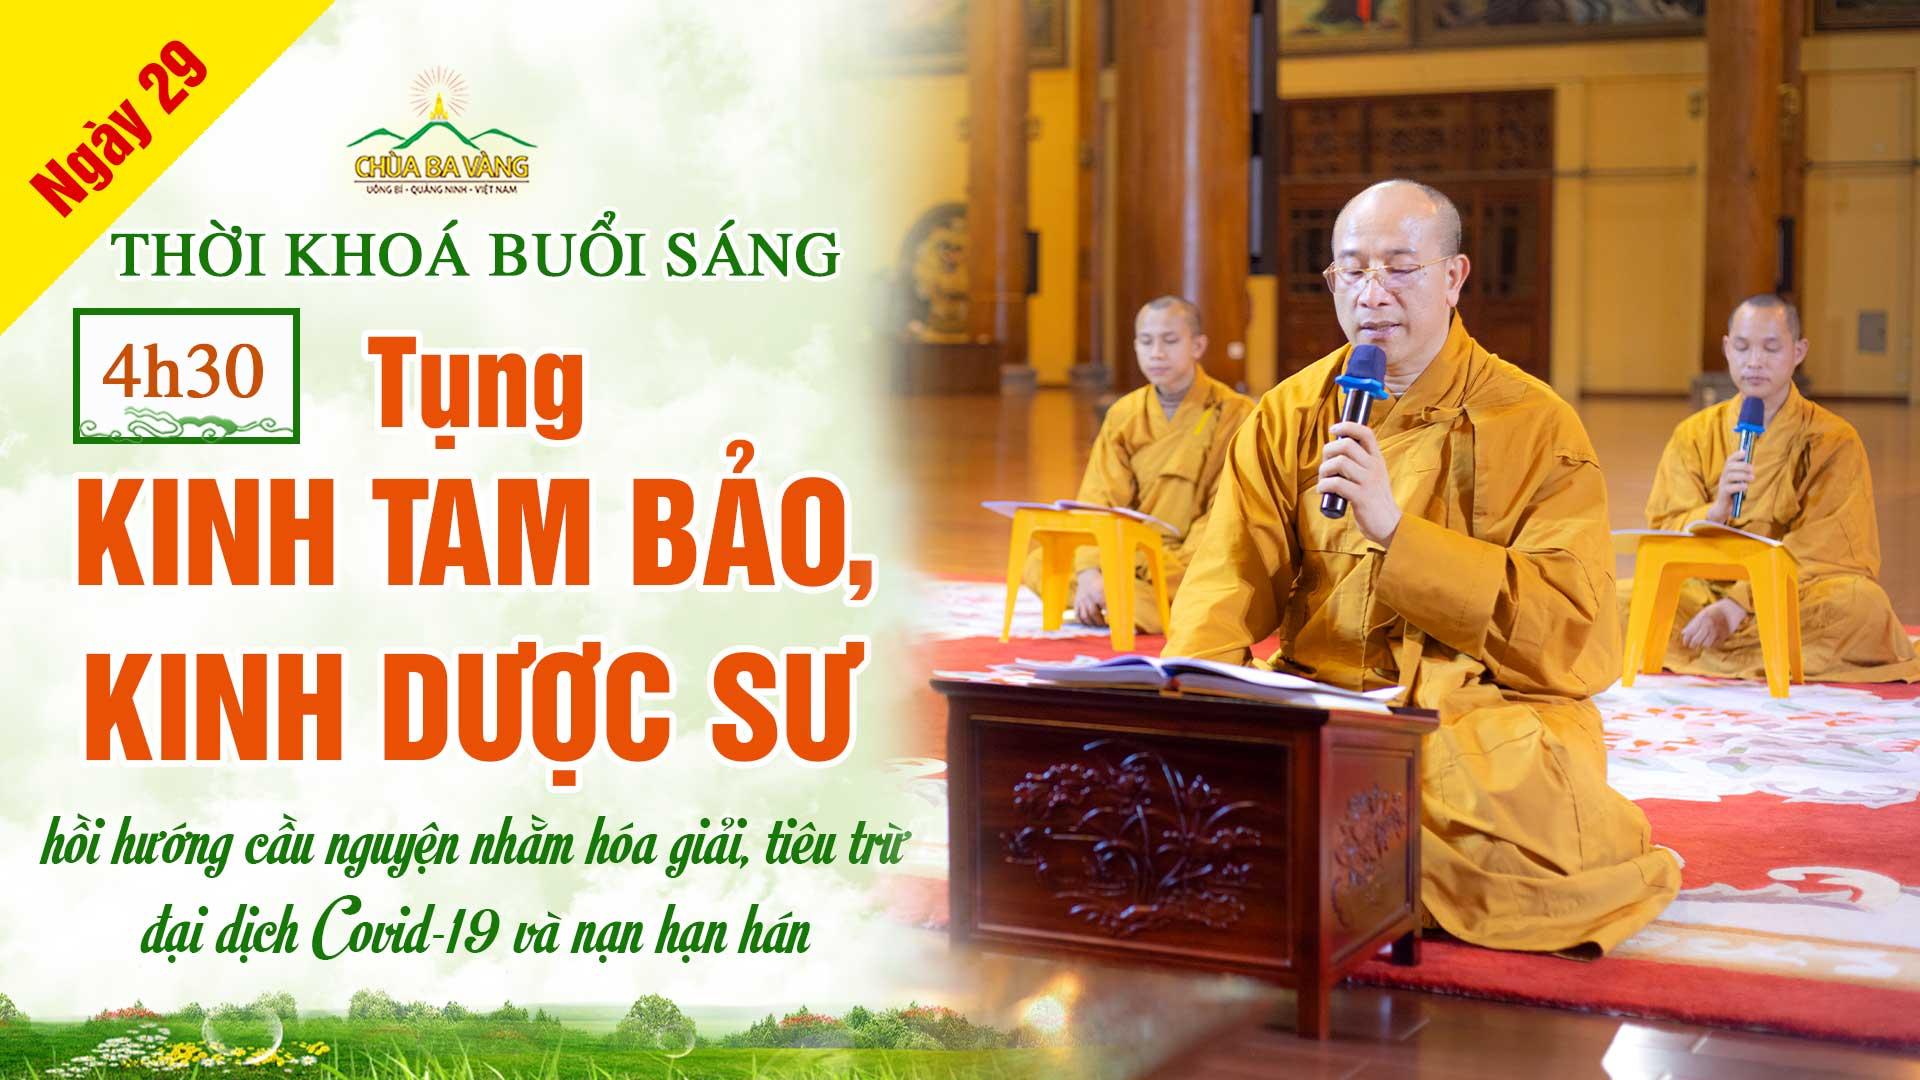 [Ngày 29 – Khóa lễ sáng] Chương trình dành cho Phật tử tu tập tại nhà hồi hướng cầu nguyện nhằm hóa giải, tiêu trừ đại dịch COVID-19 và nạn hạn hán